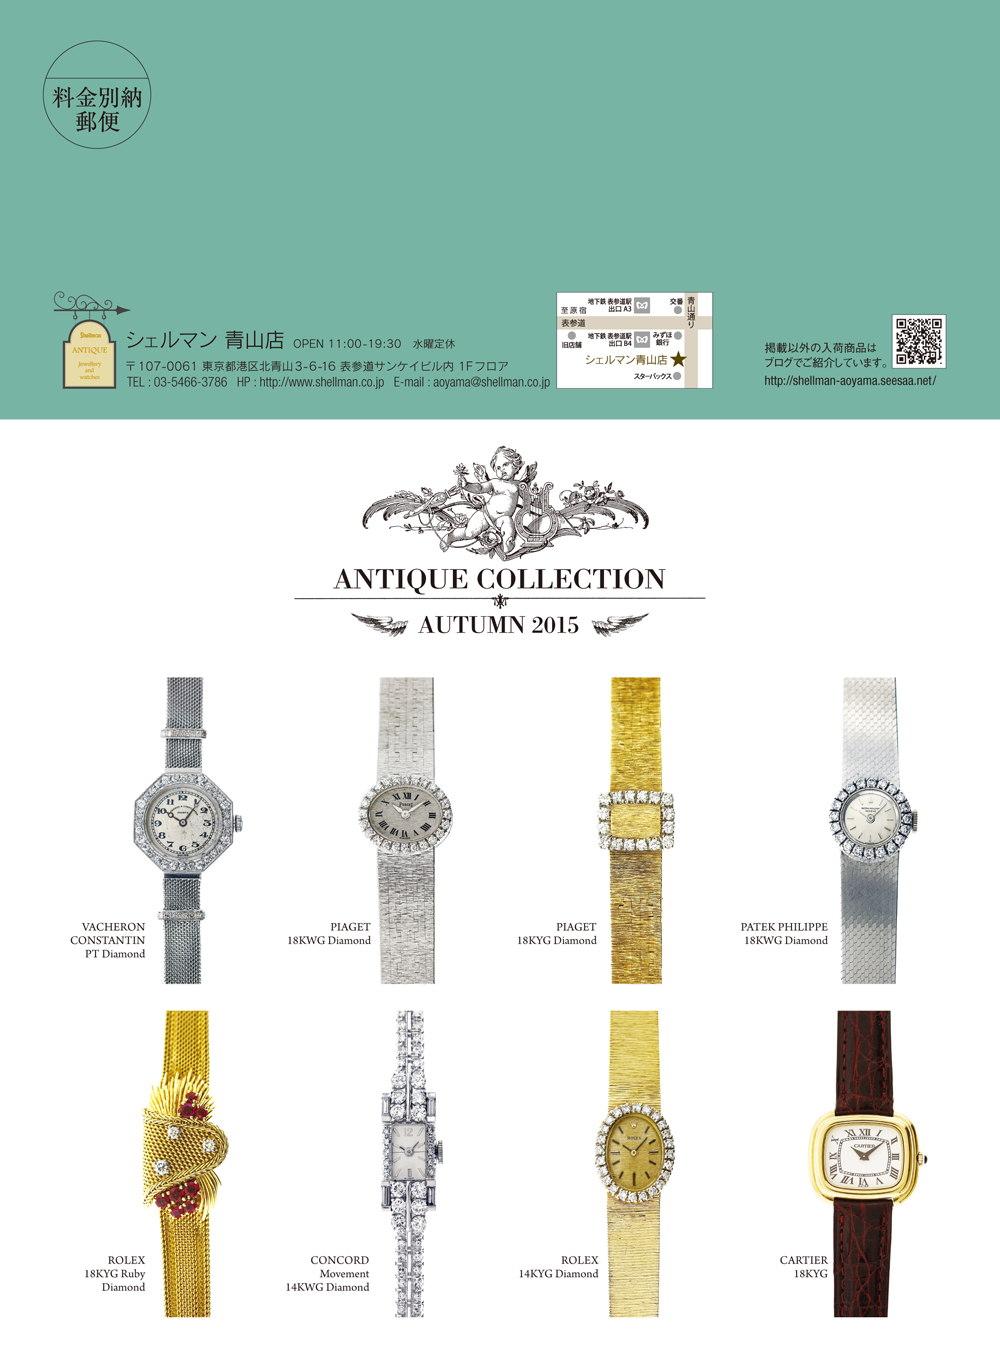 シェルマン青山店にて『ANTIQUE COLLECTION AUTUMN 2015』開催中_f0039351_16281915.jpg